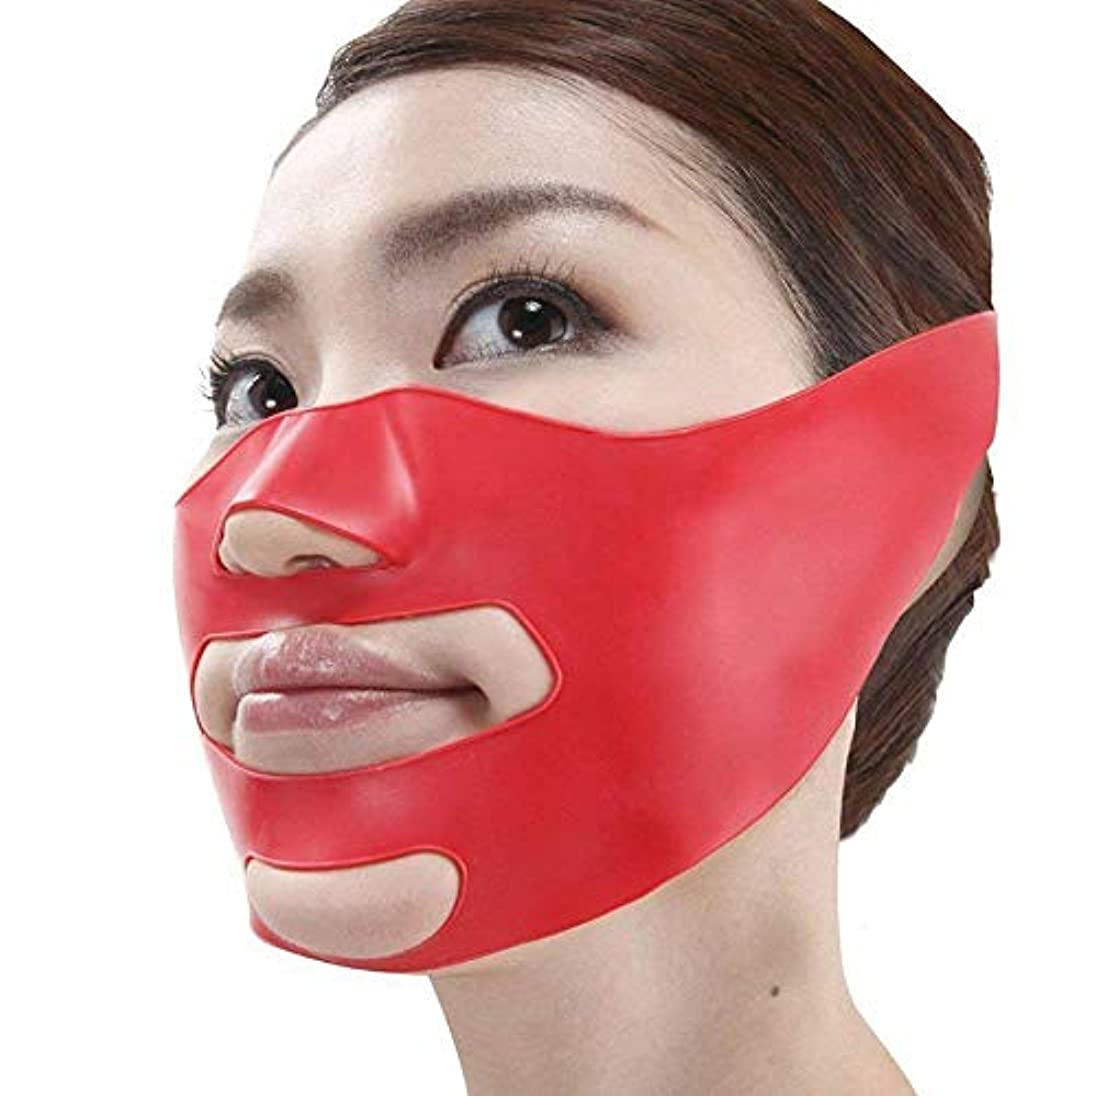 メトロポリタン影響我慢する小顔矯正 マスク 小顔補正ベルト ほうれい線 リフトスリムマスク 3Dエクササイズマスク 法令線予防 抗シワ サウナマスク 美容グッ (フリーサイズ)